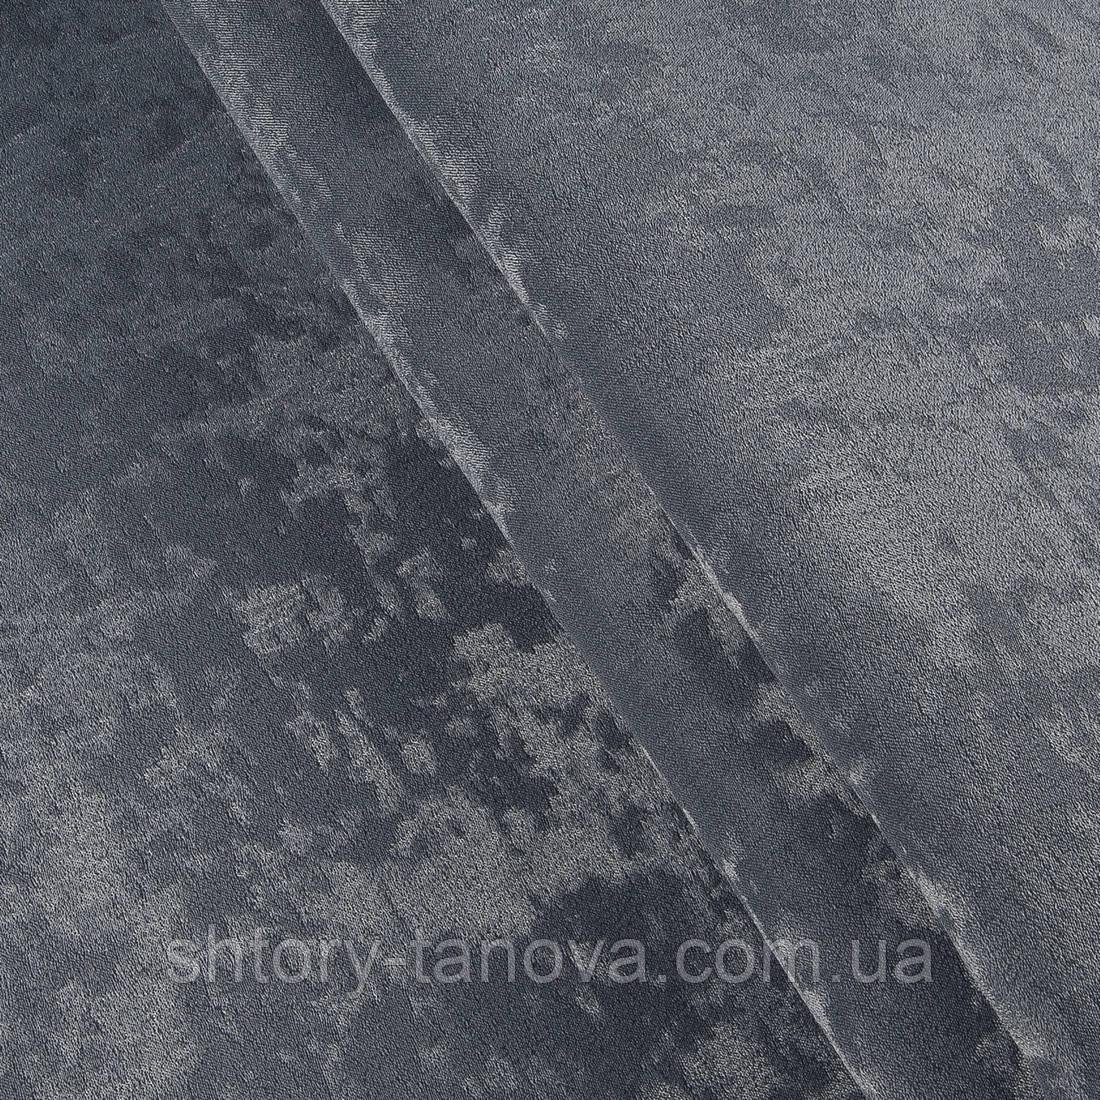 Чин-чила софт мраморт серый